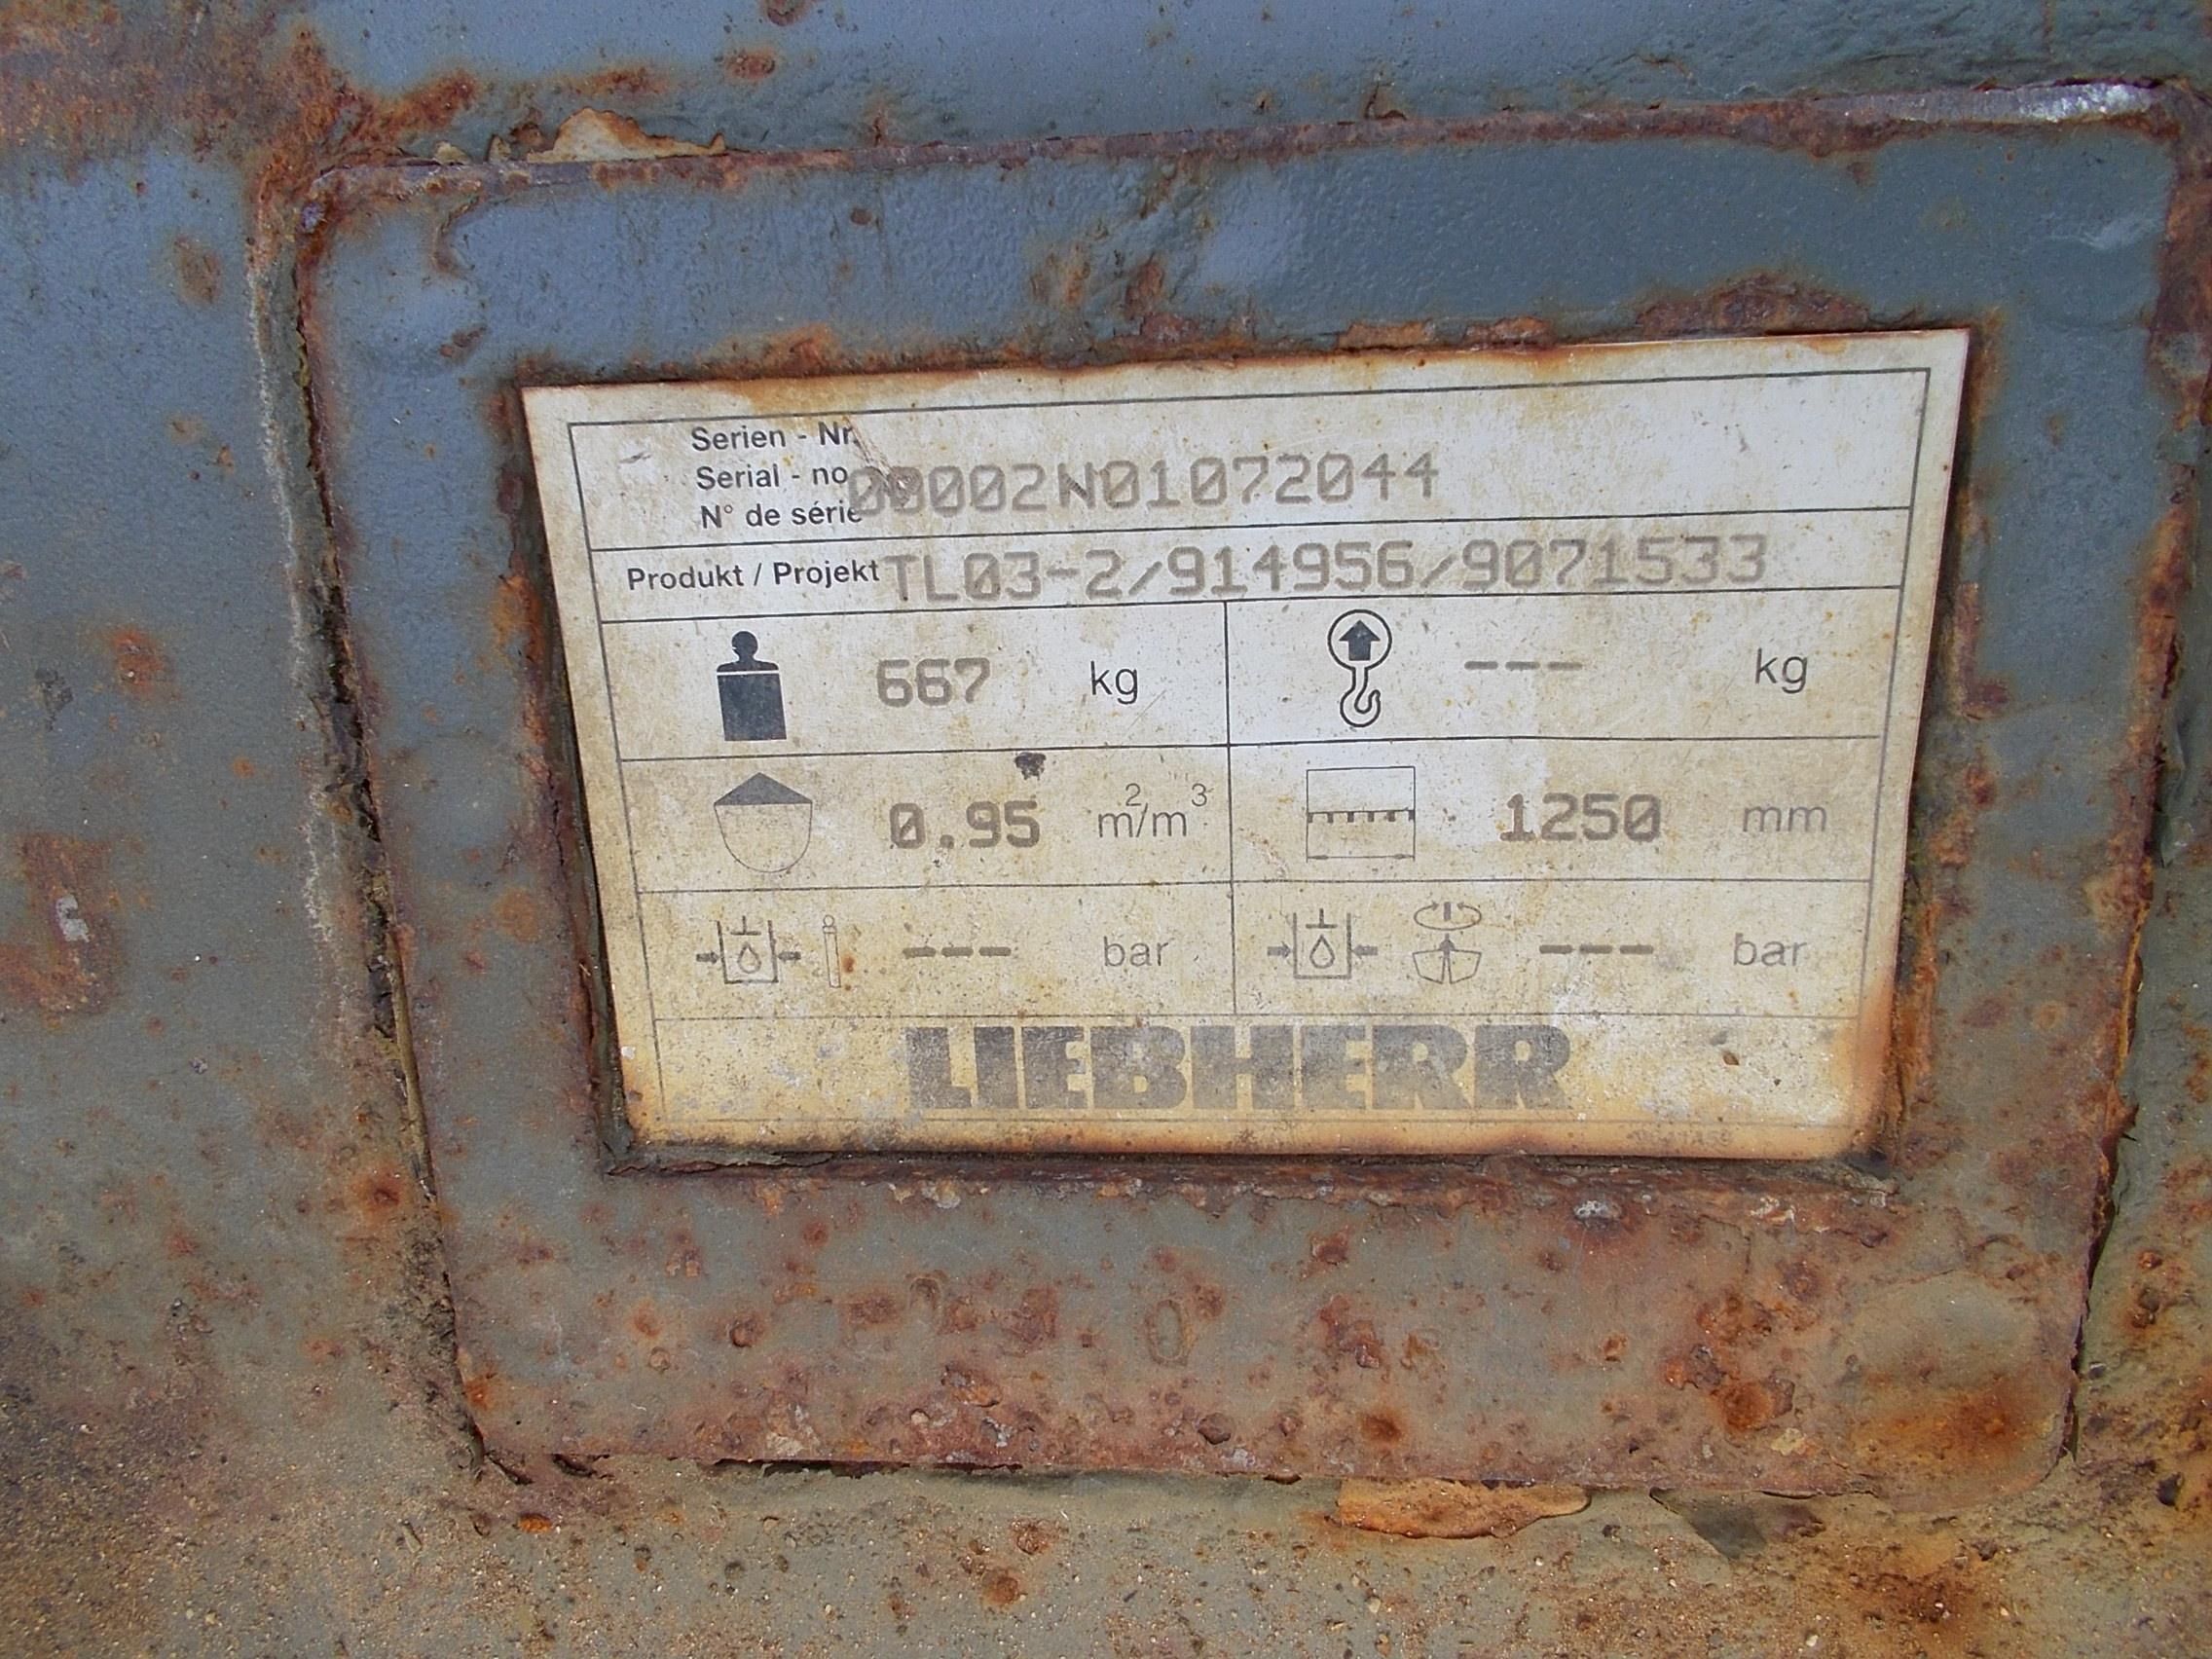 R900C LC LI-1076-60176_012.JPG